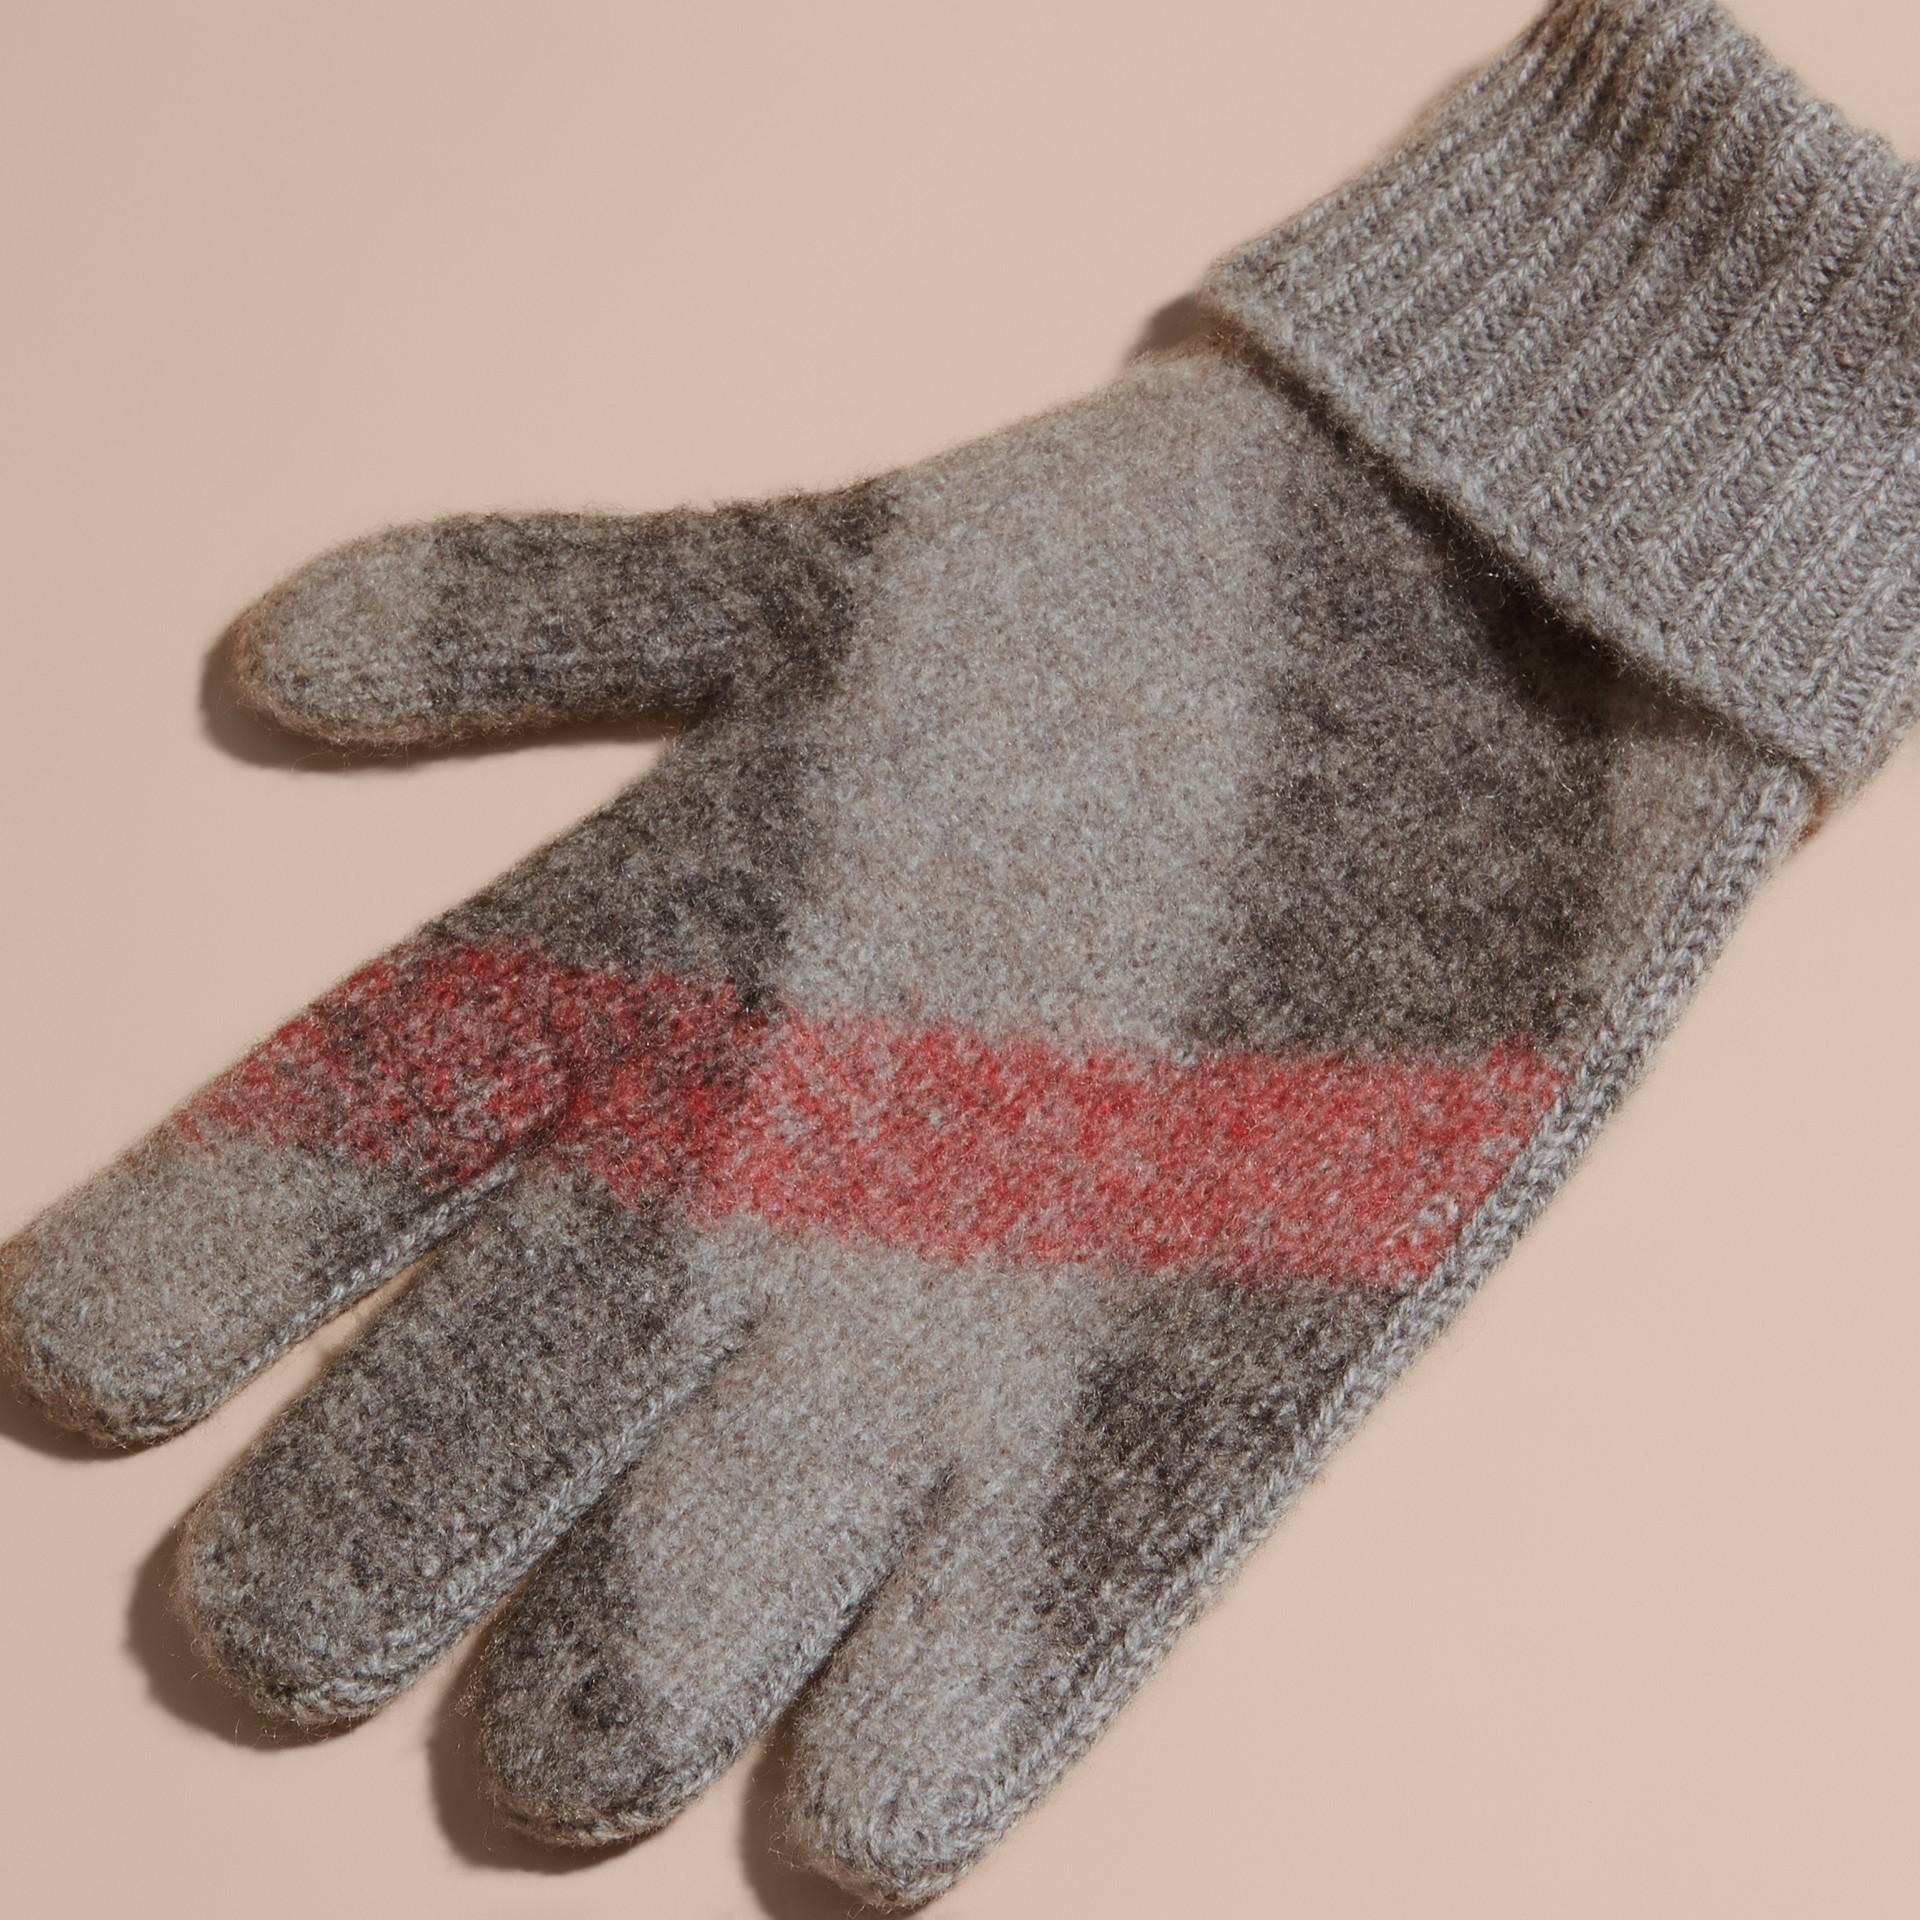 Handschuhe aus Wolle und Kaschmir mit Karodetail - Galerie-Bild 2